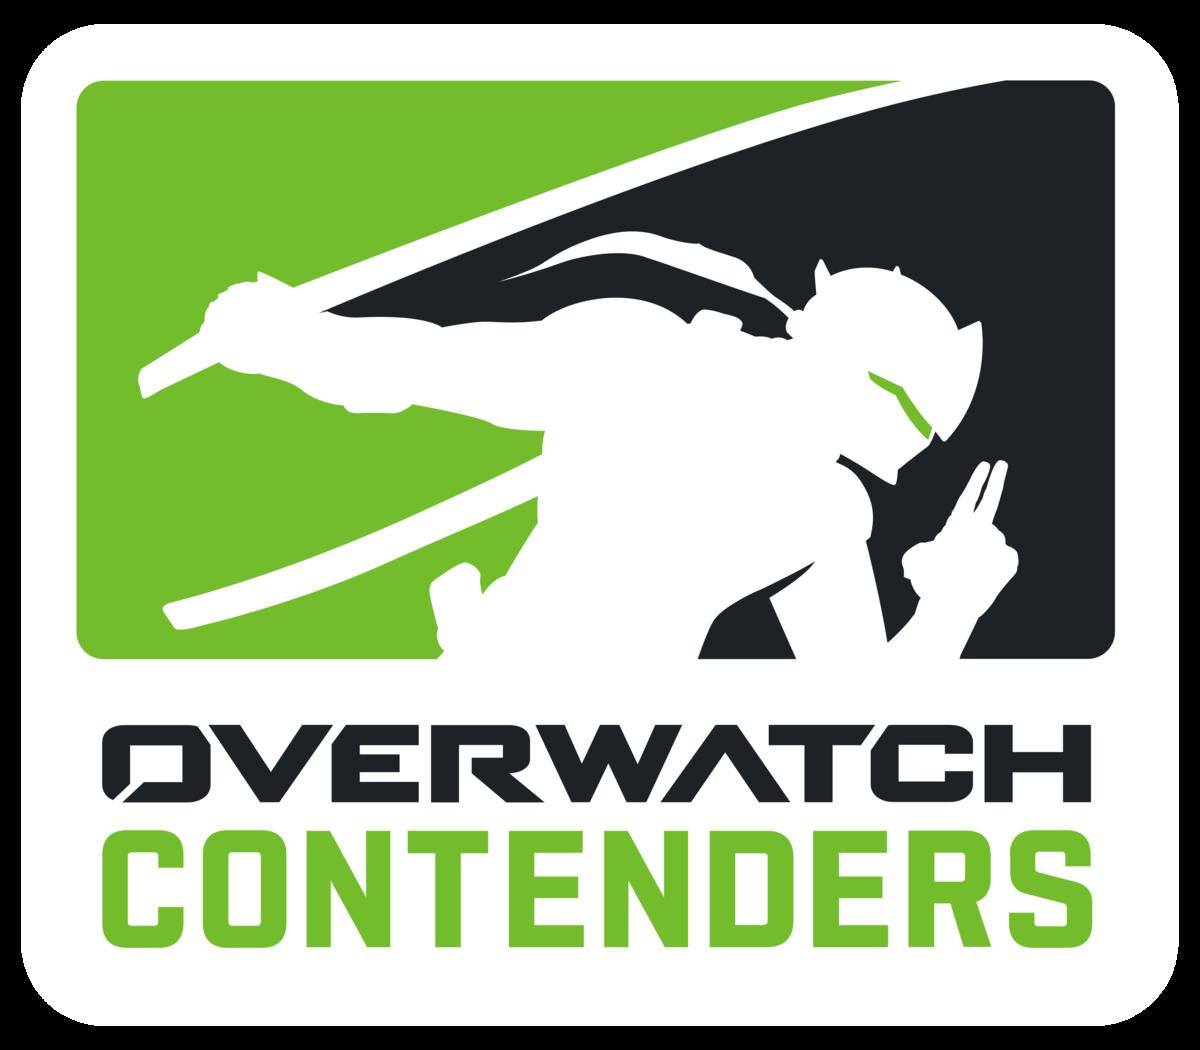 Overwatch Contenders 2019 Season 1: NAE - Regular Season